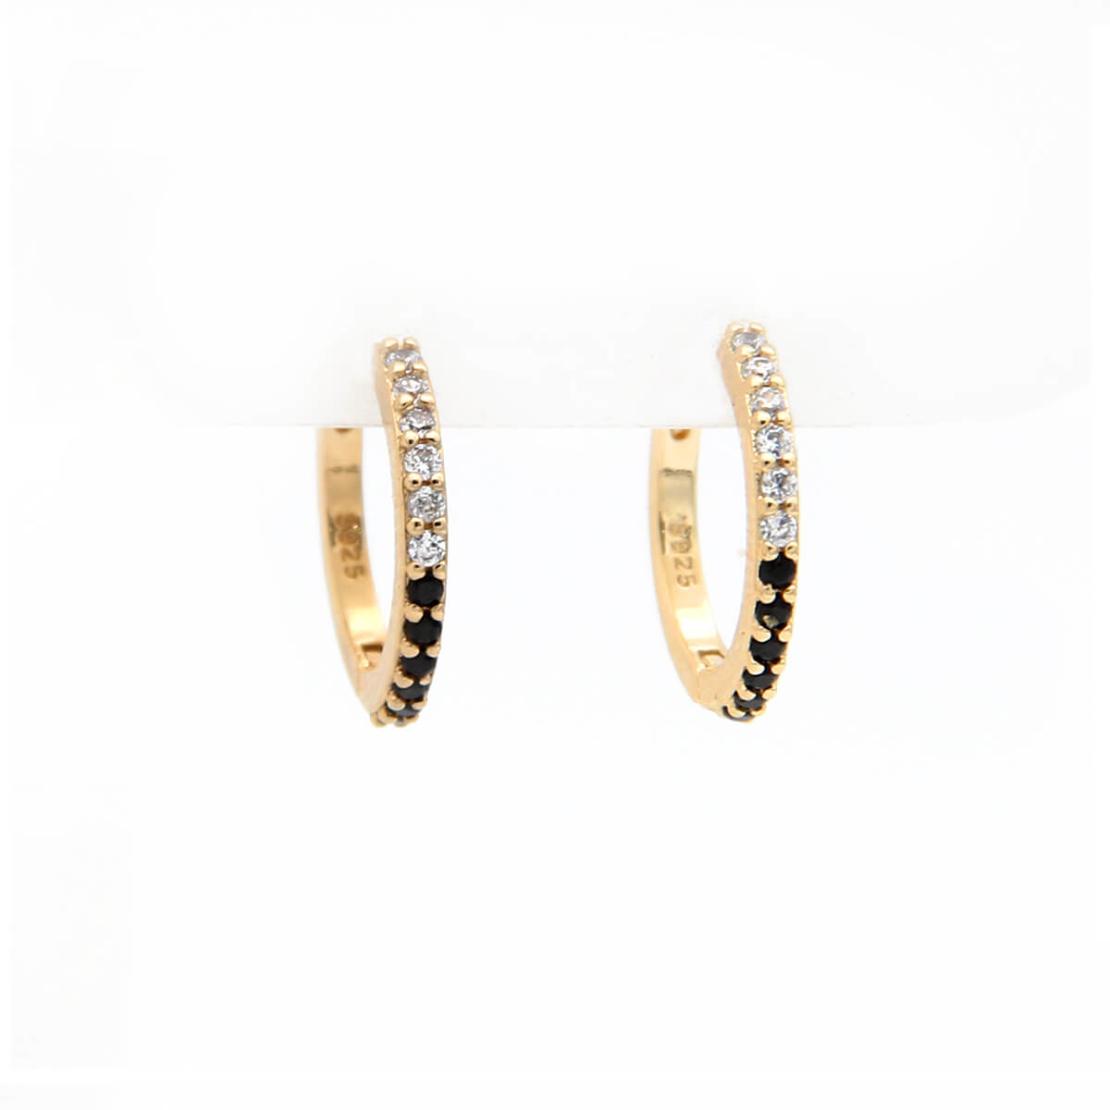 סט עגילים - SUN - כסף 925 בציפוי זהב מיקרוני